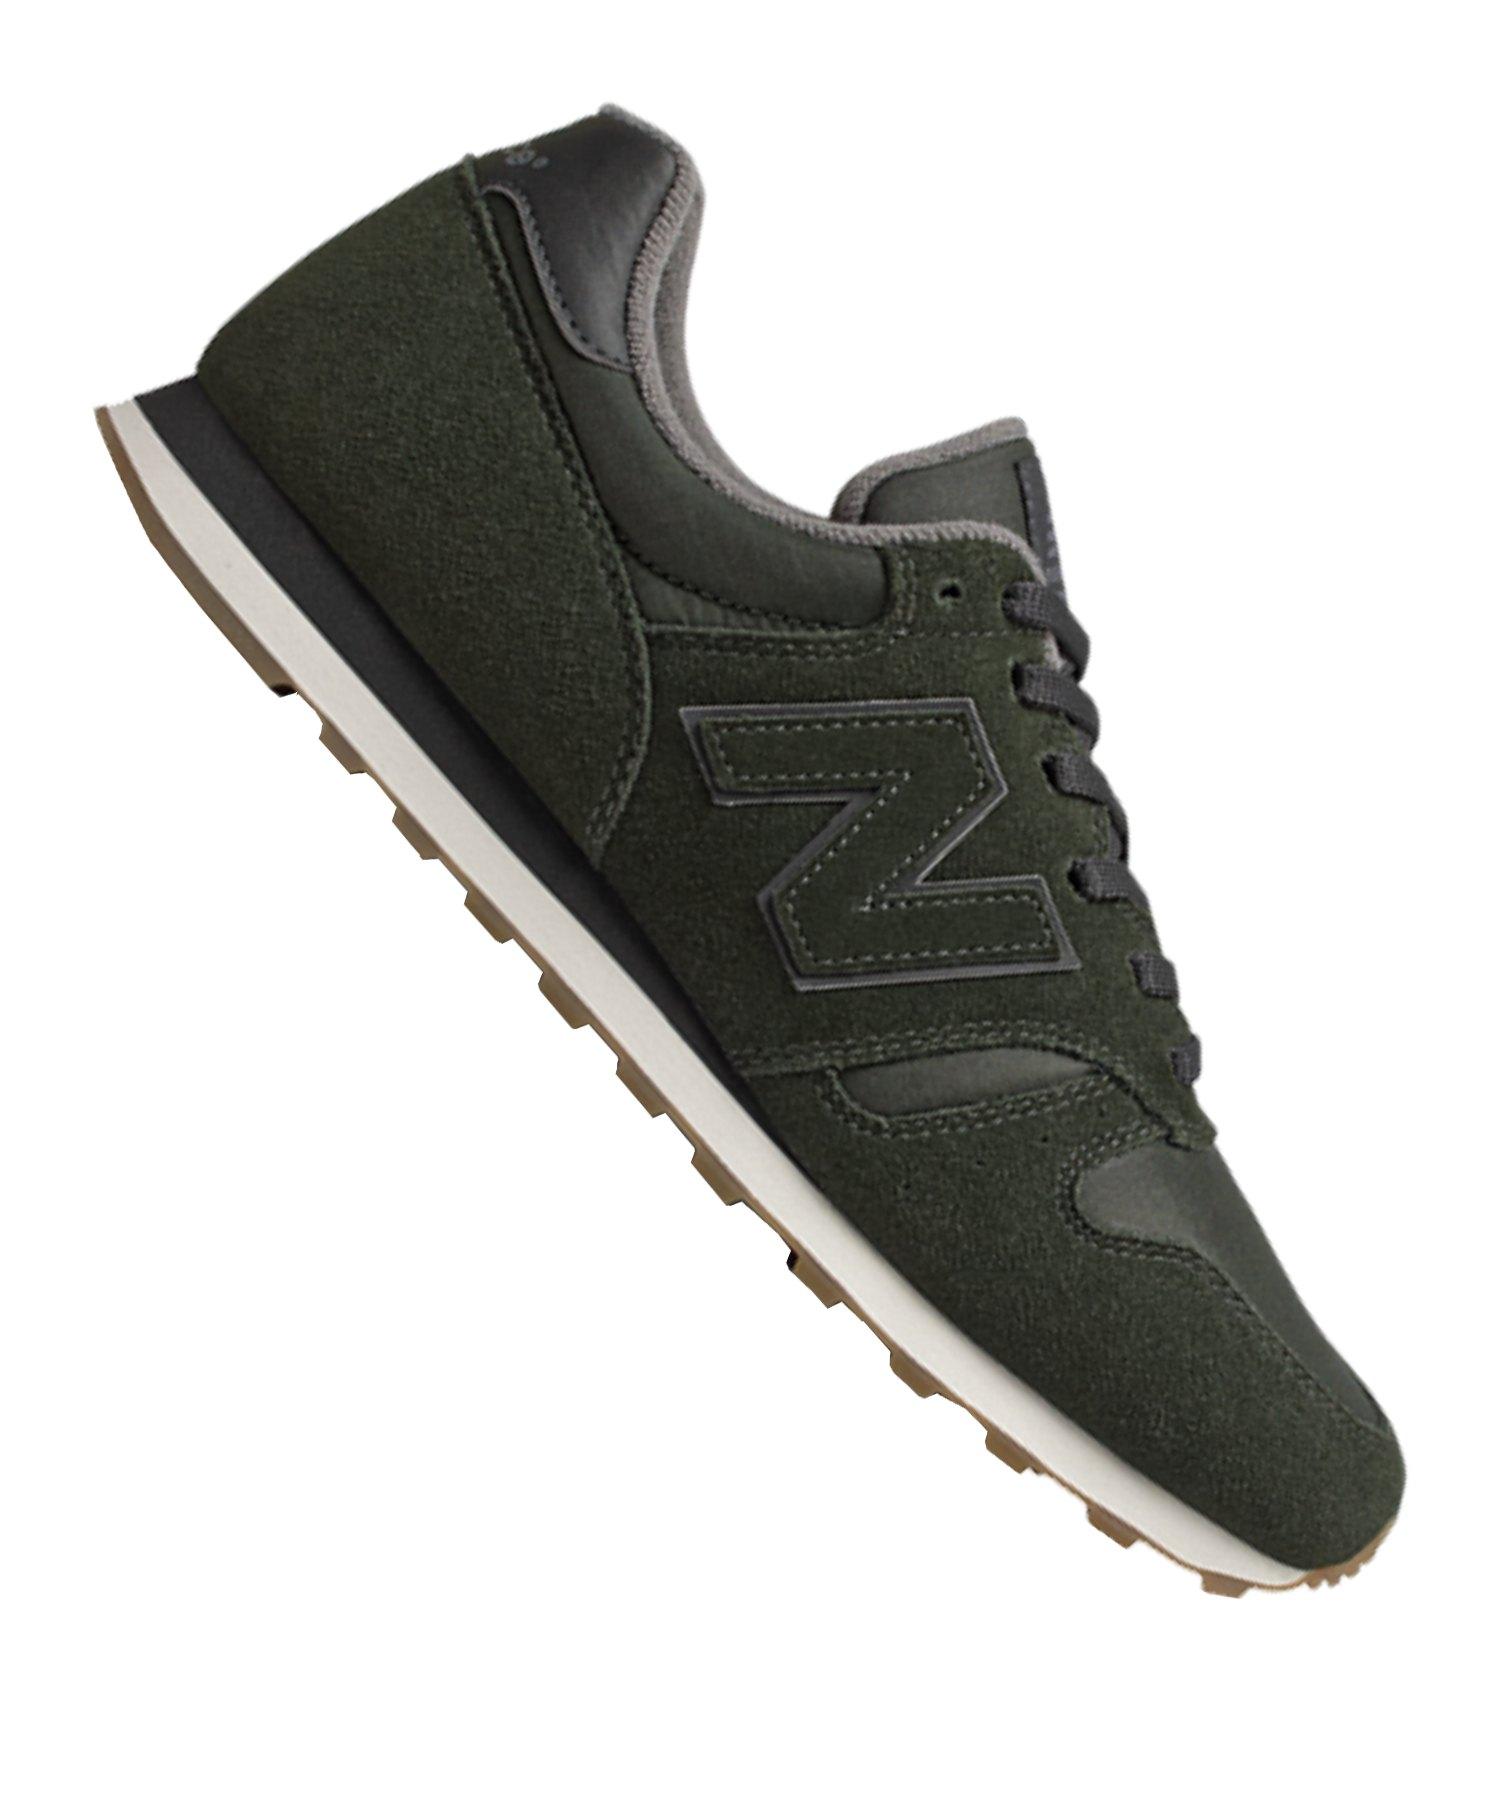 New Balance ML373 D Sneaker Grün Schwarz F6 - gruen